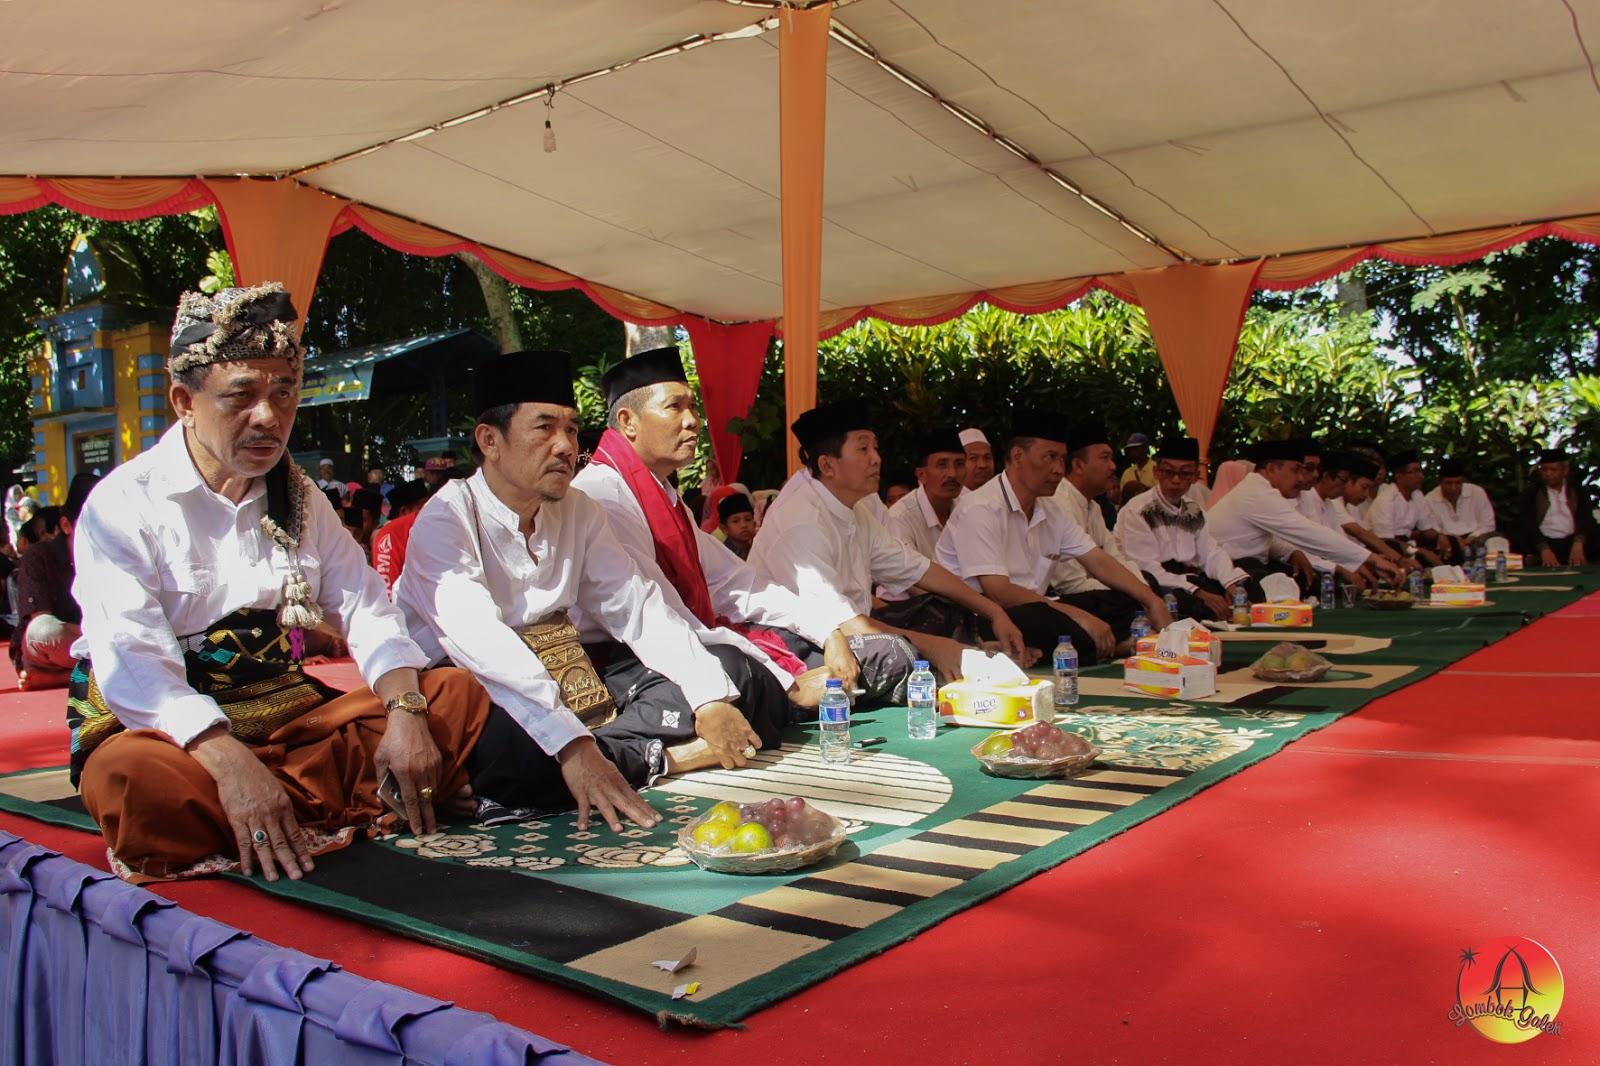 Kemeriahan Lebaran Topat Lombok Tengah Galeri Tamu Undangan Pengunjung Memadati